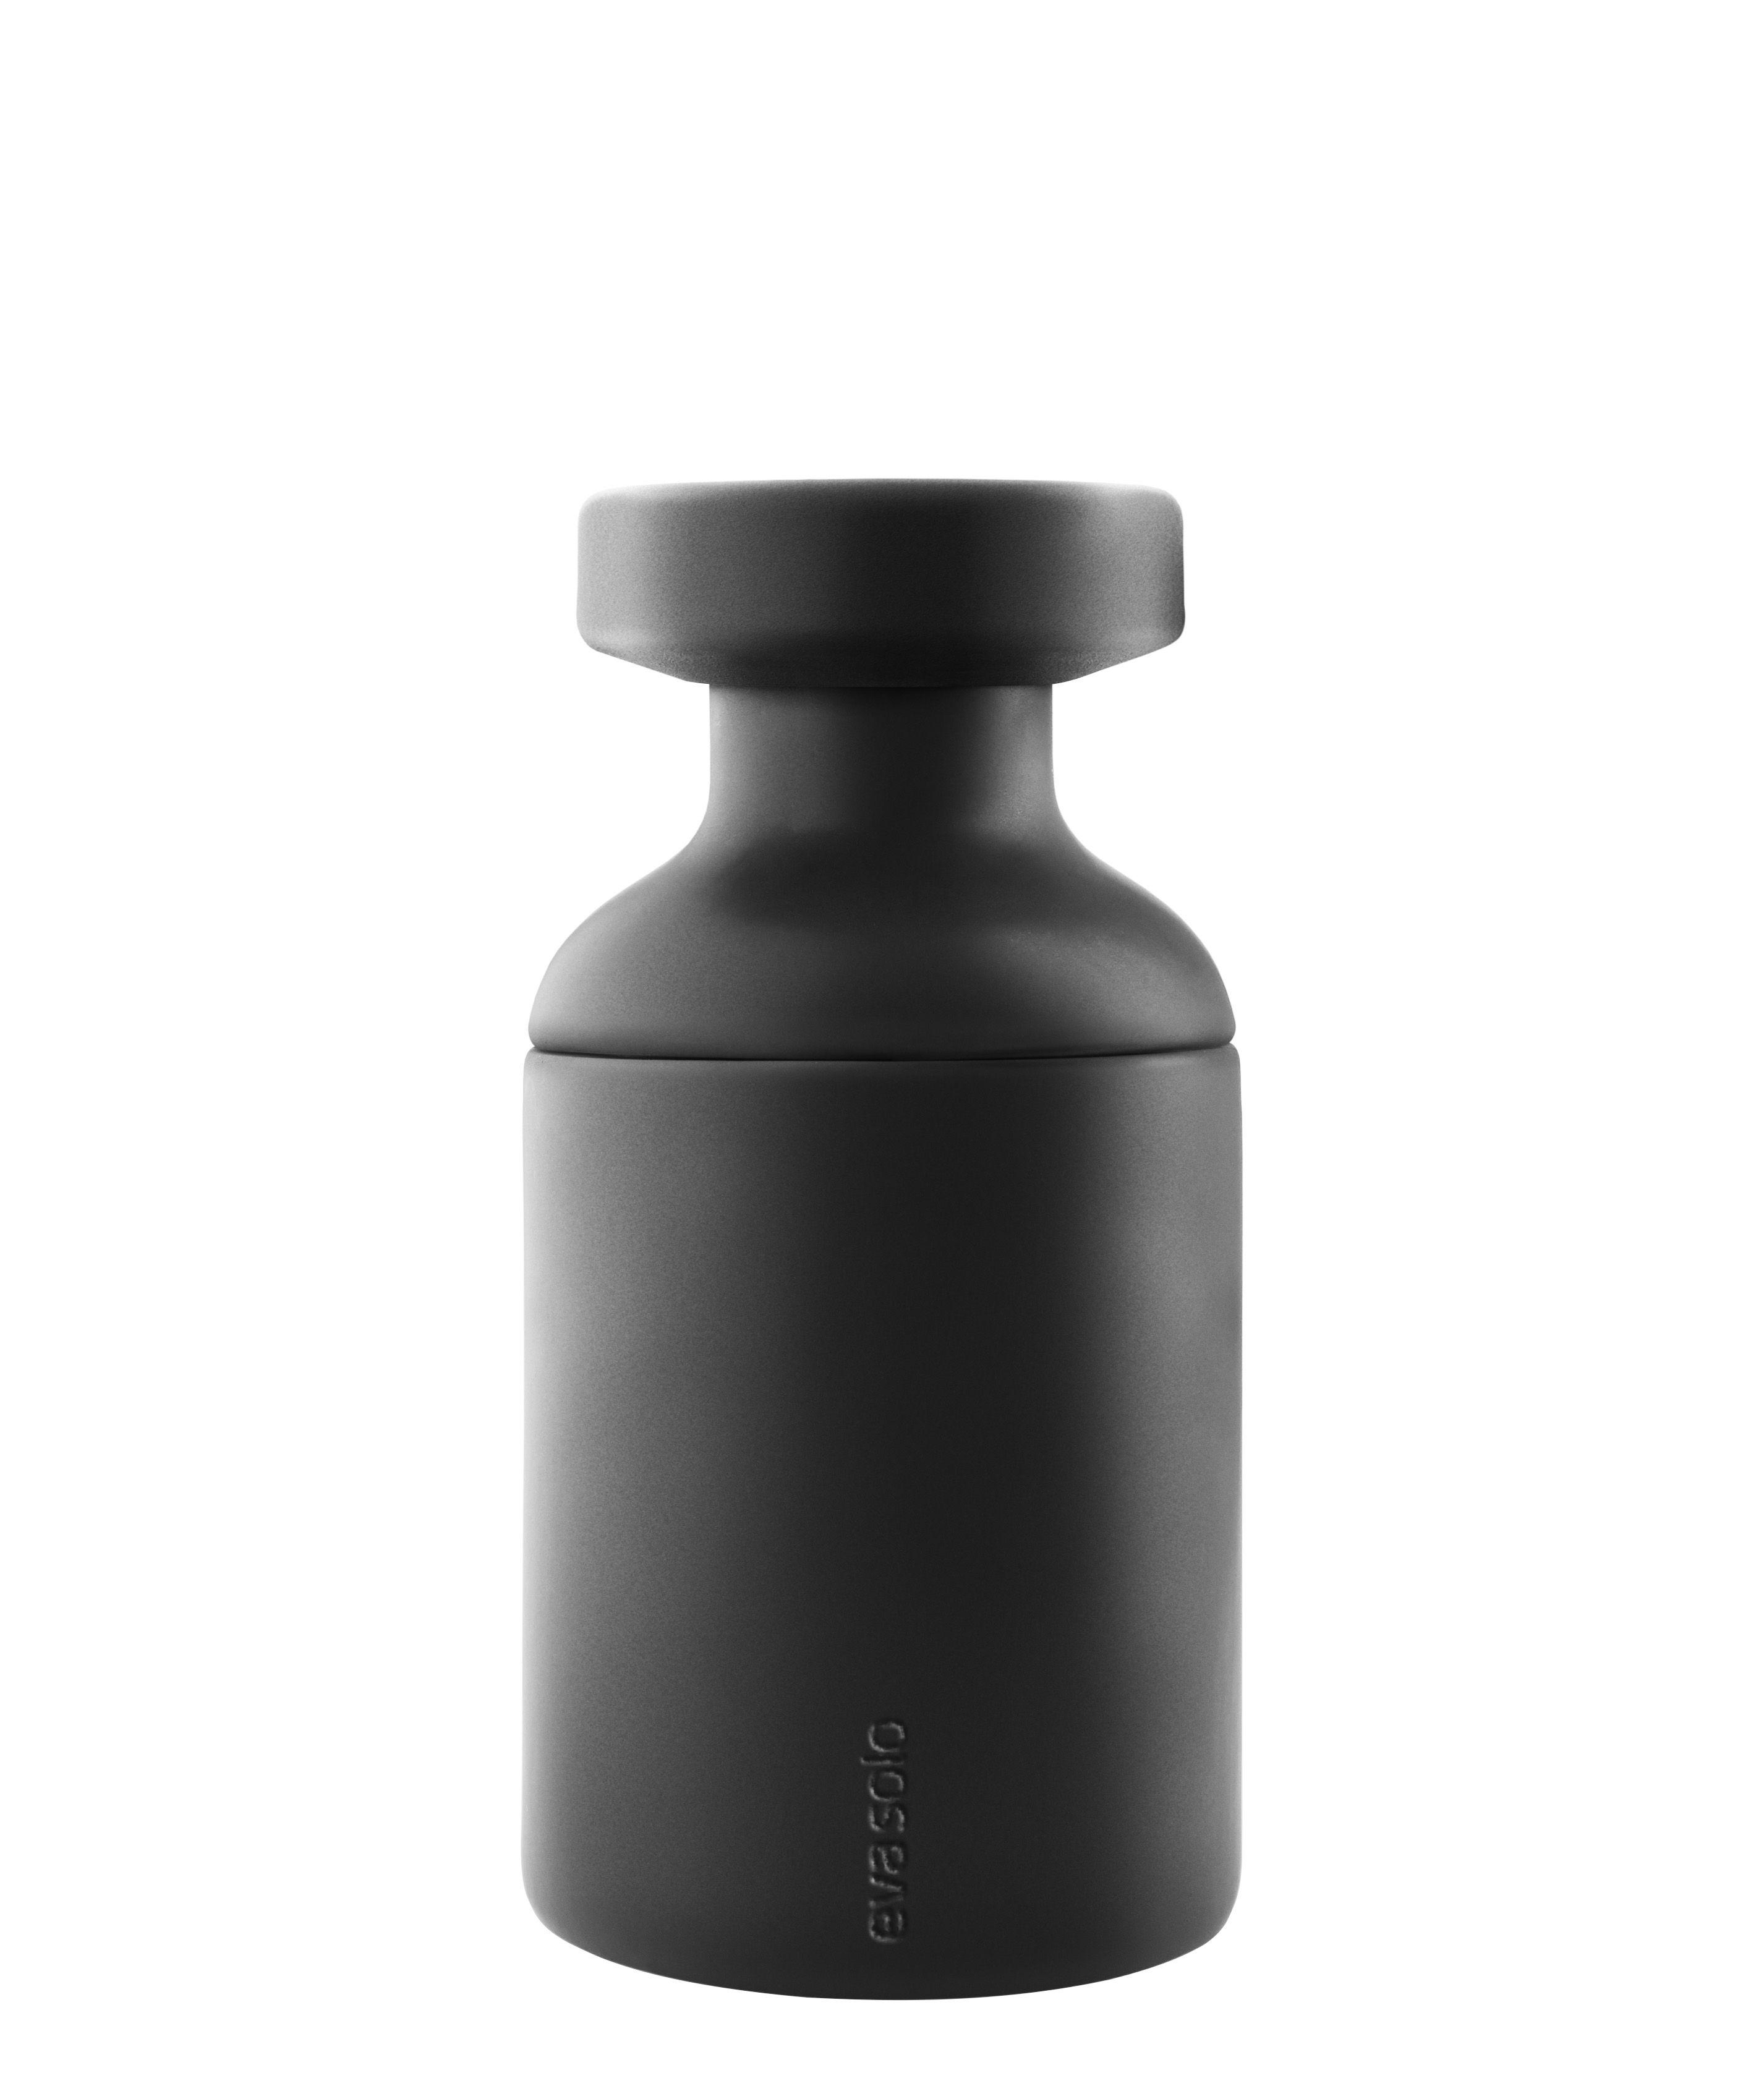 Accessoires - Accessoires salle de bains - Pot pour salle de bain / Avec couvercle - Eva Solo - Noir mat - Céramique